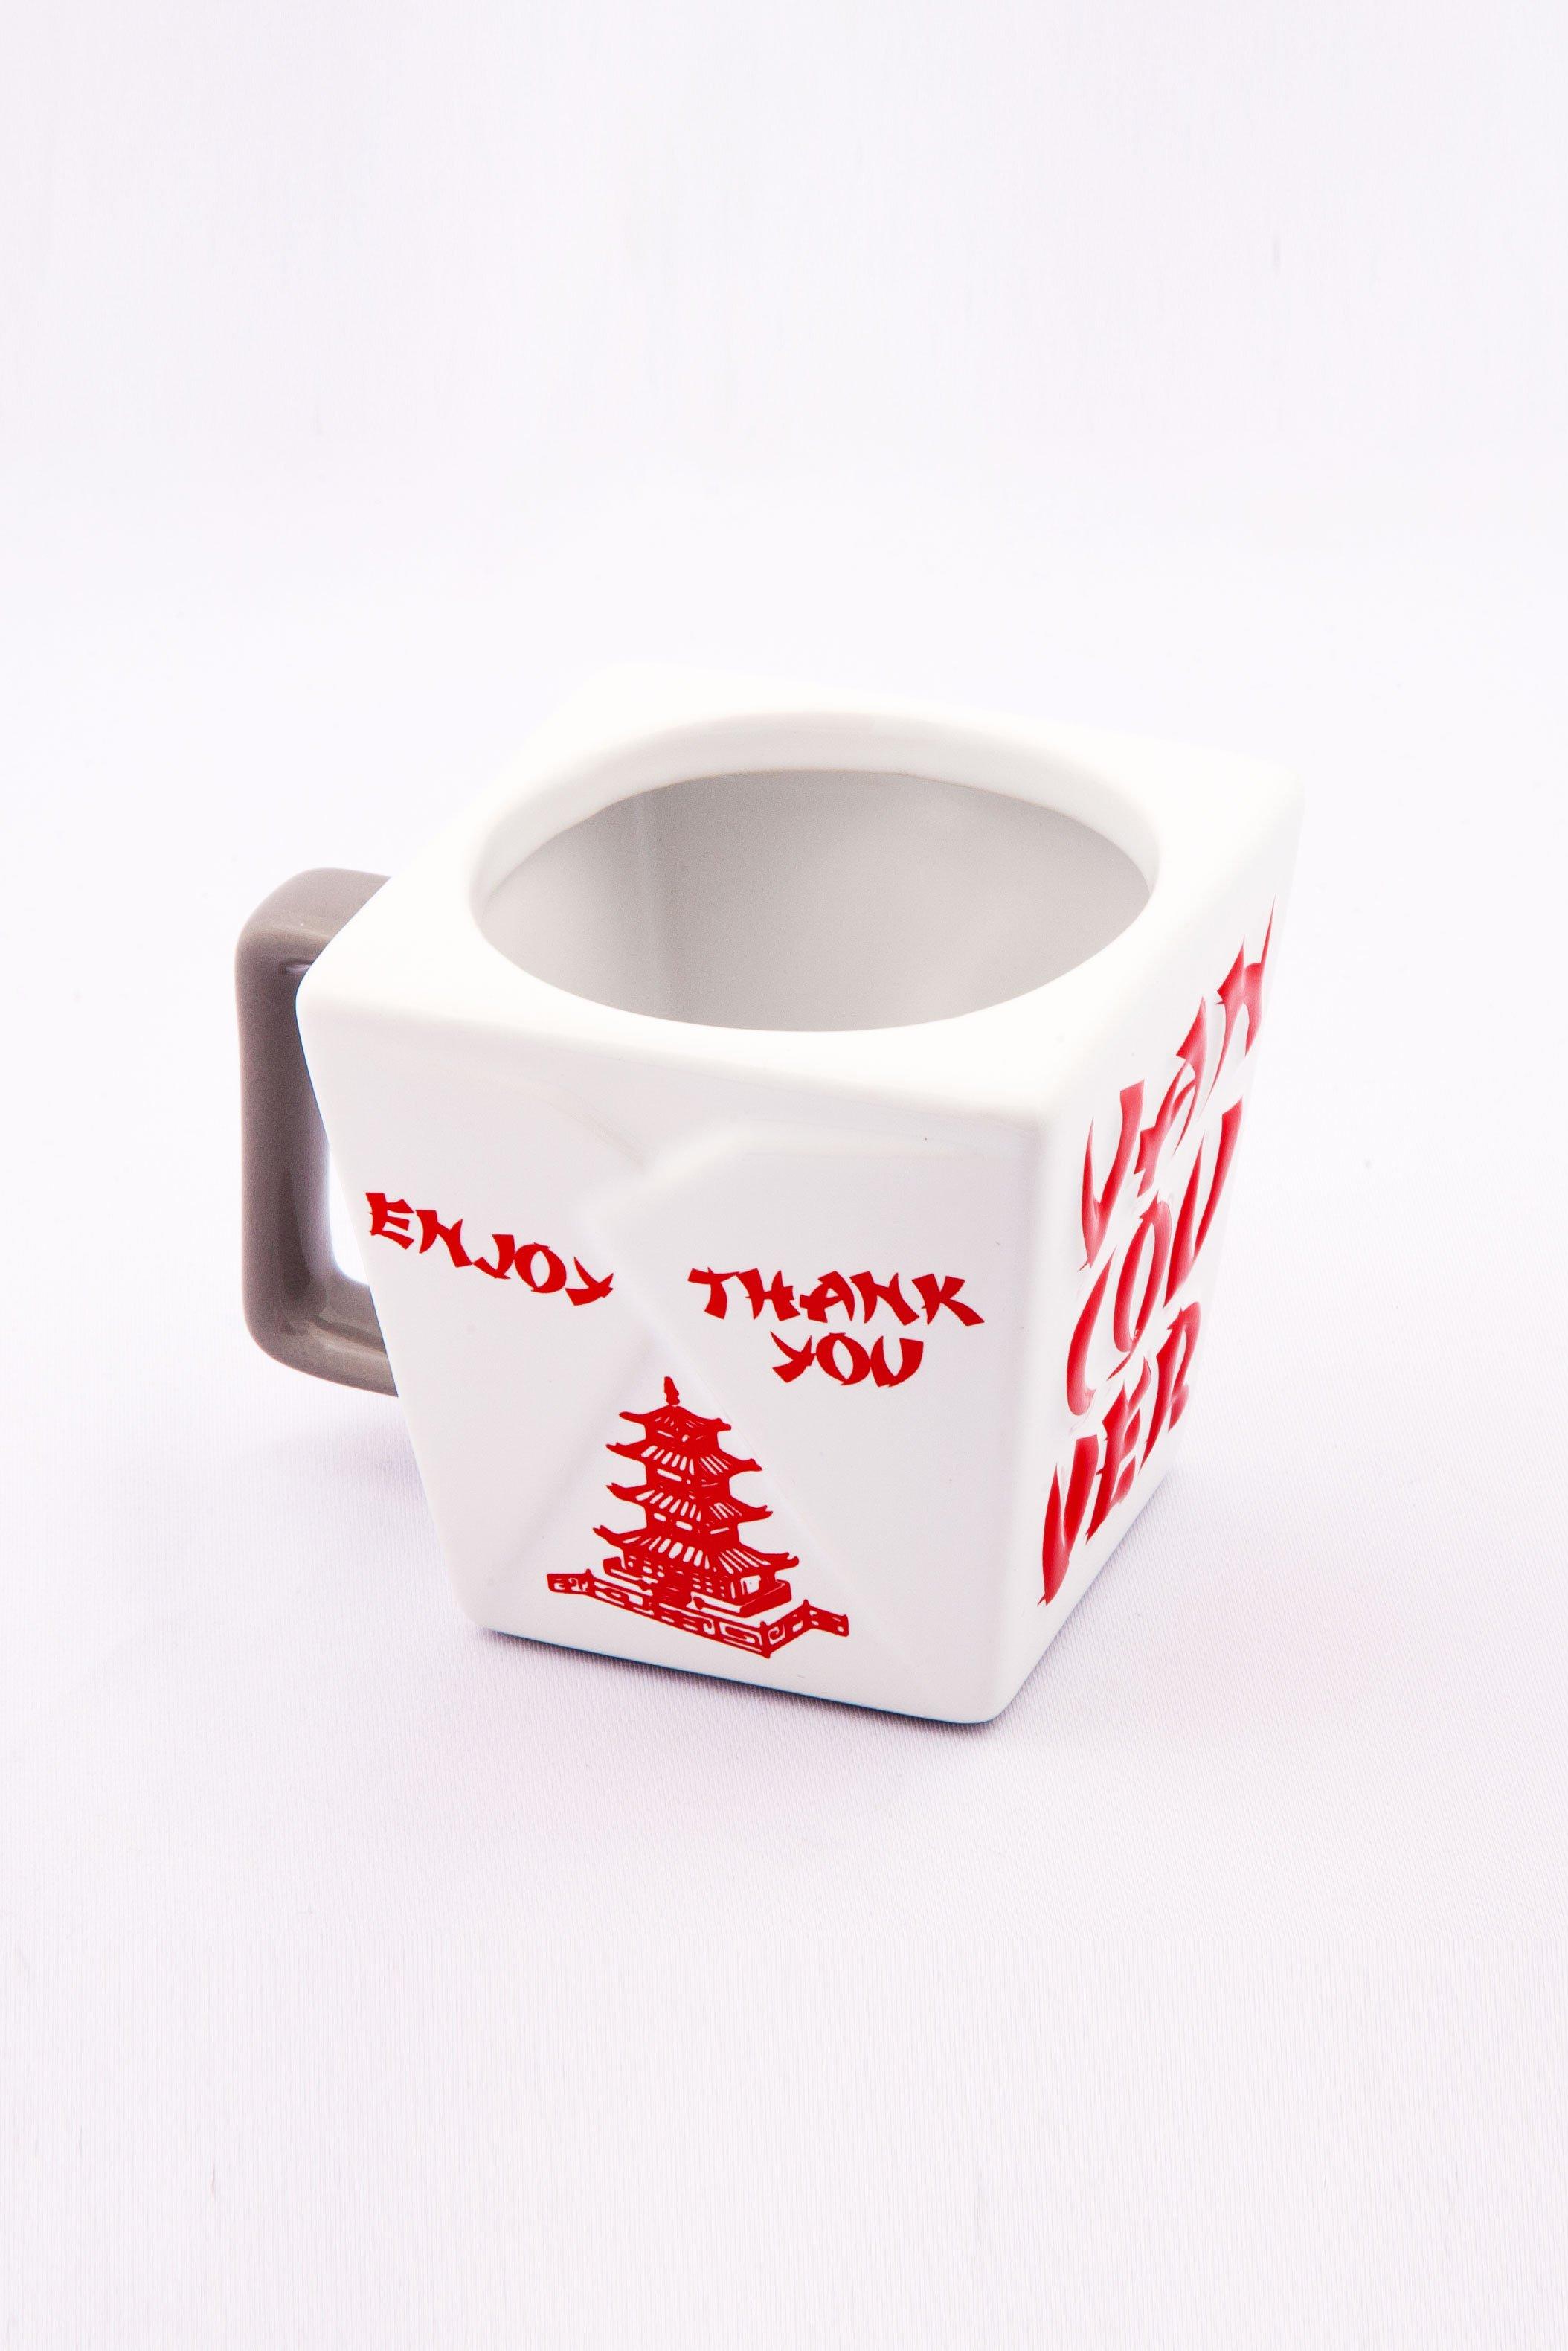 Cliquez ici pour acheter Take-out mug